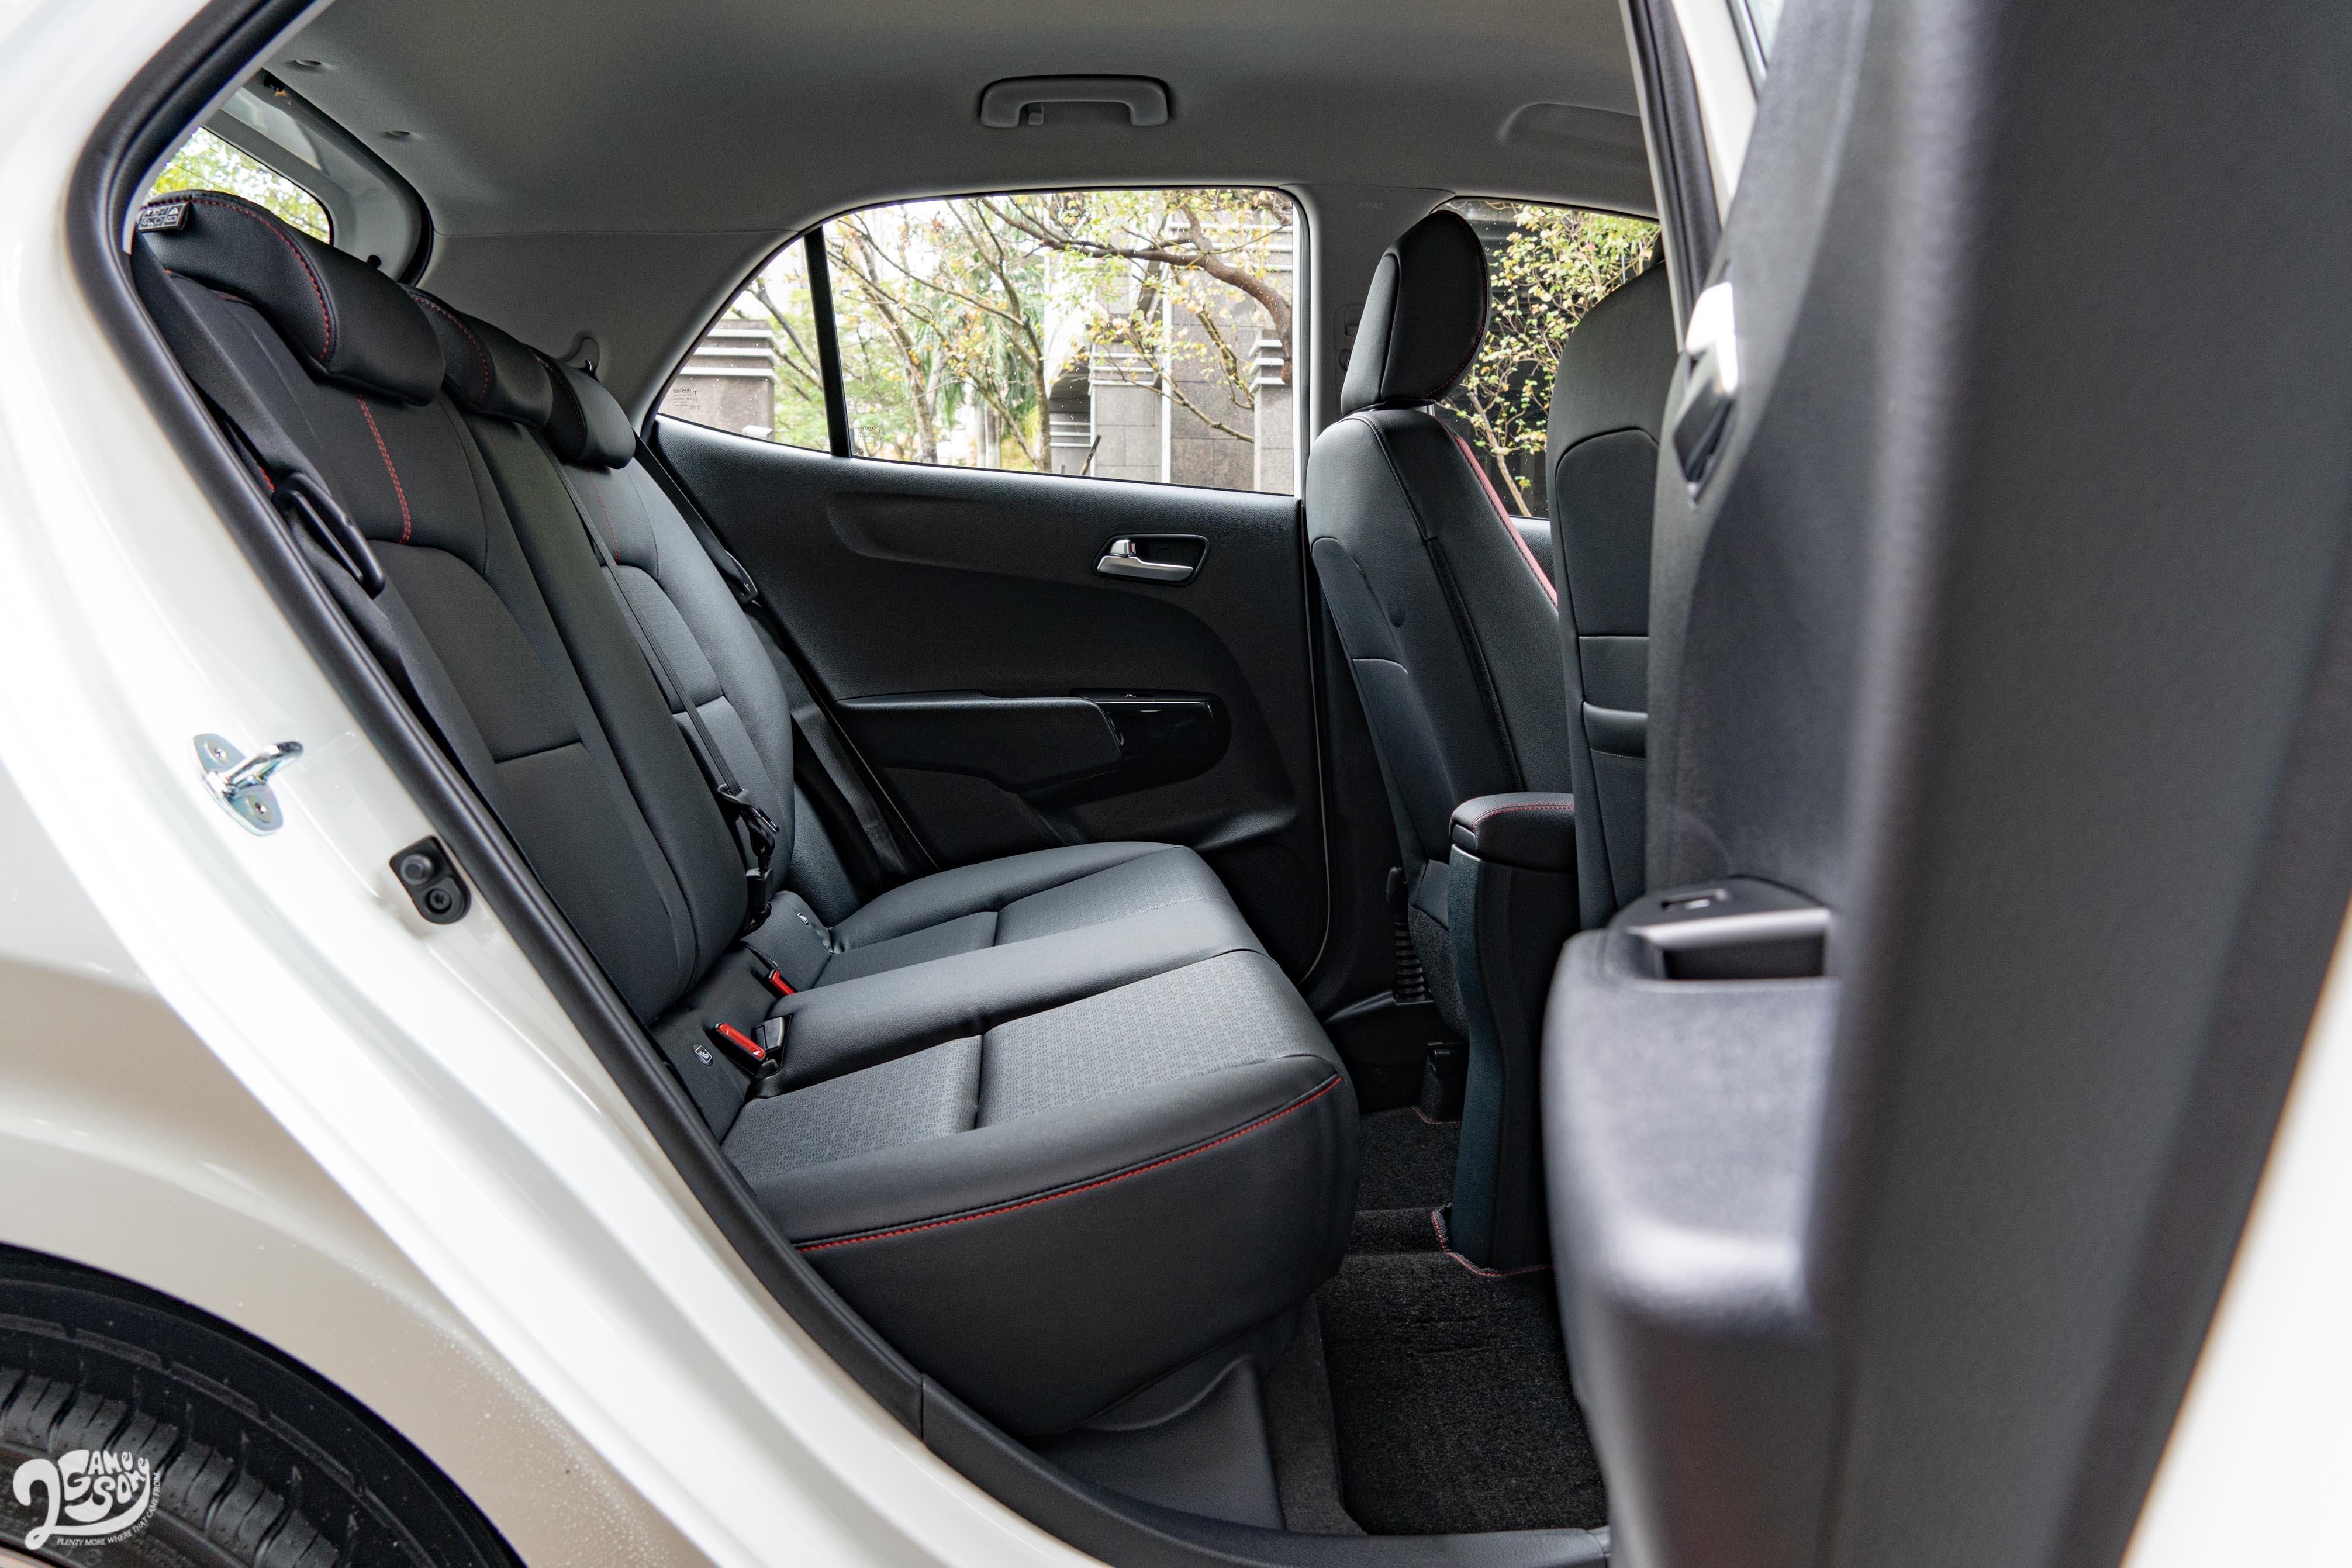 一般成人坐進後座,也還有一個拳頭的頭部和膝部空間。